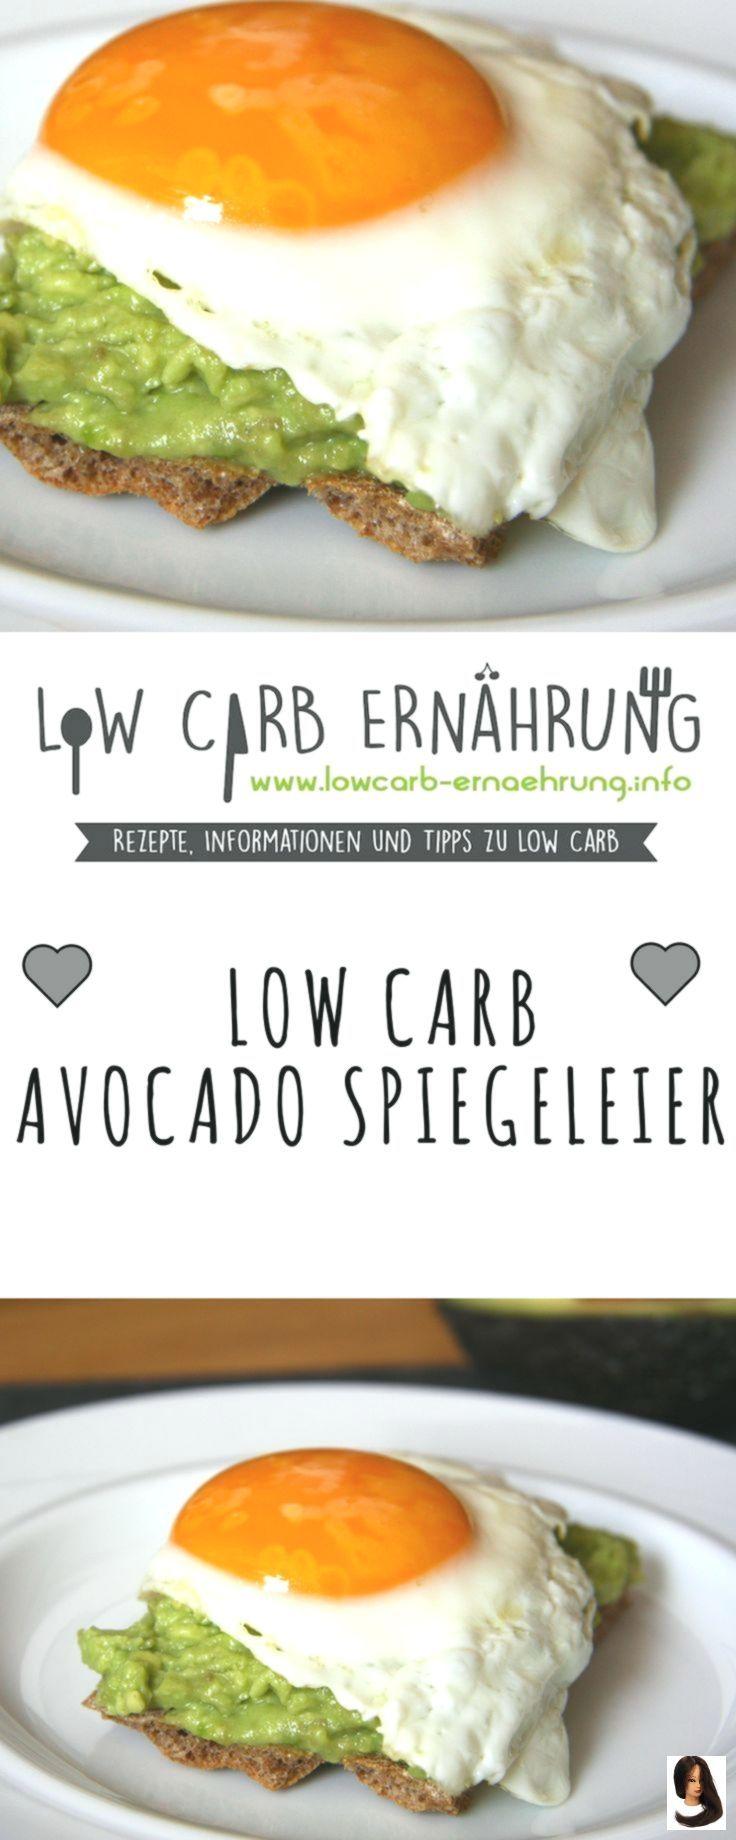 # Skincare Recipes Low Carb Recipe for Delicious Avocado Fried Eggs with ... #Haut  -  Hautpflege-Rezepte